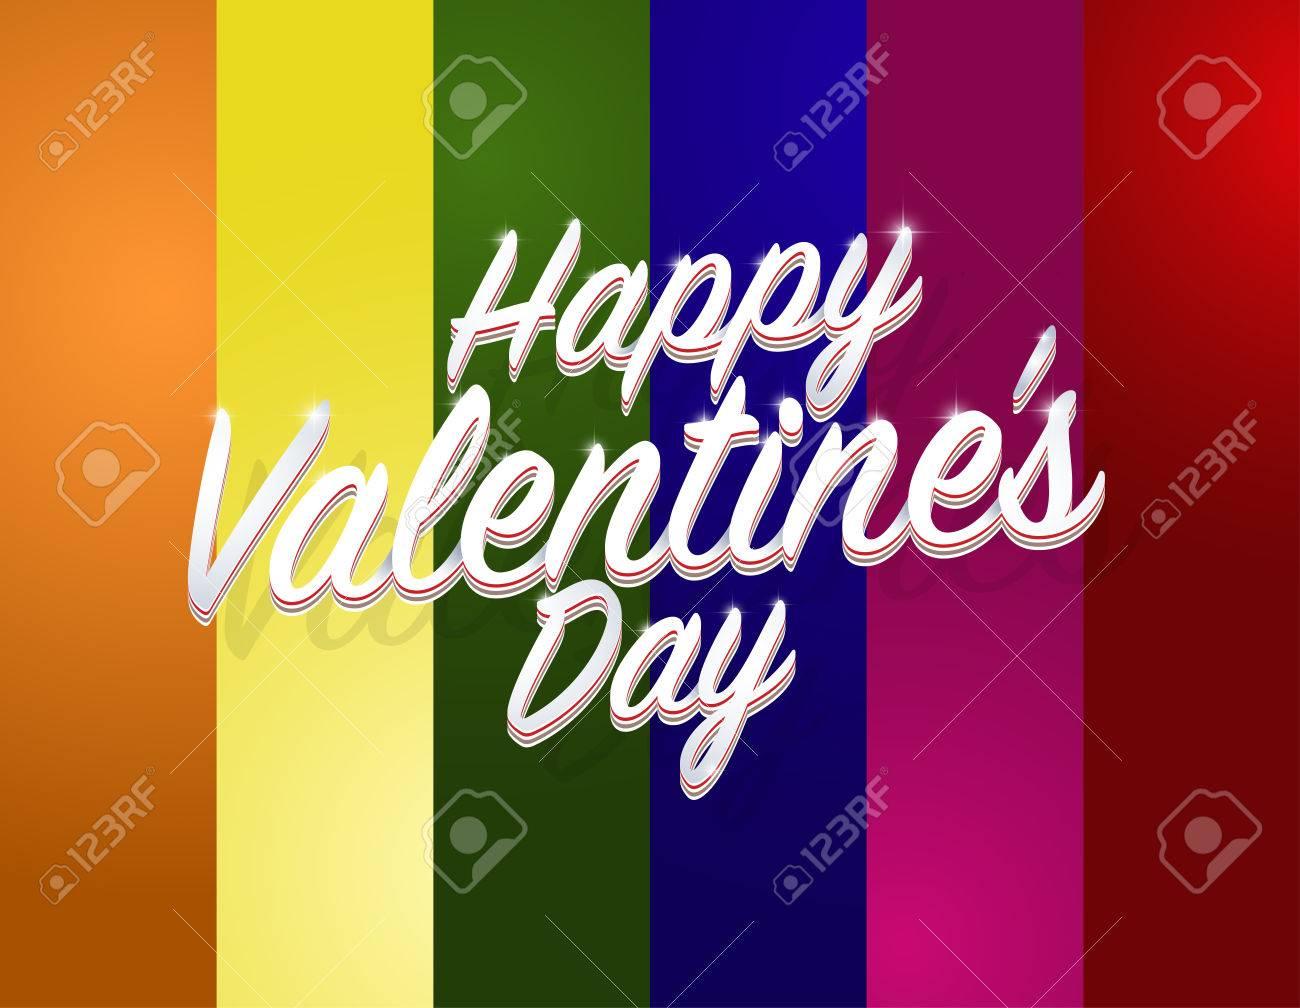 Happy Valentine S Day Words Label Metro Sexual Valentine S Day